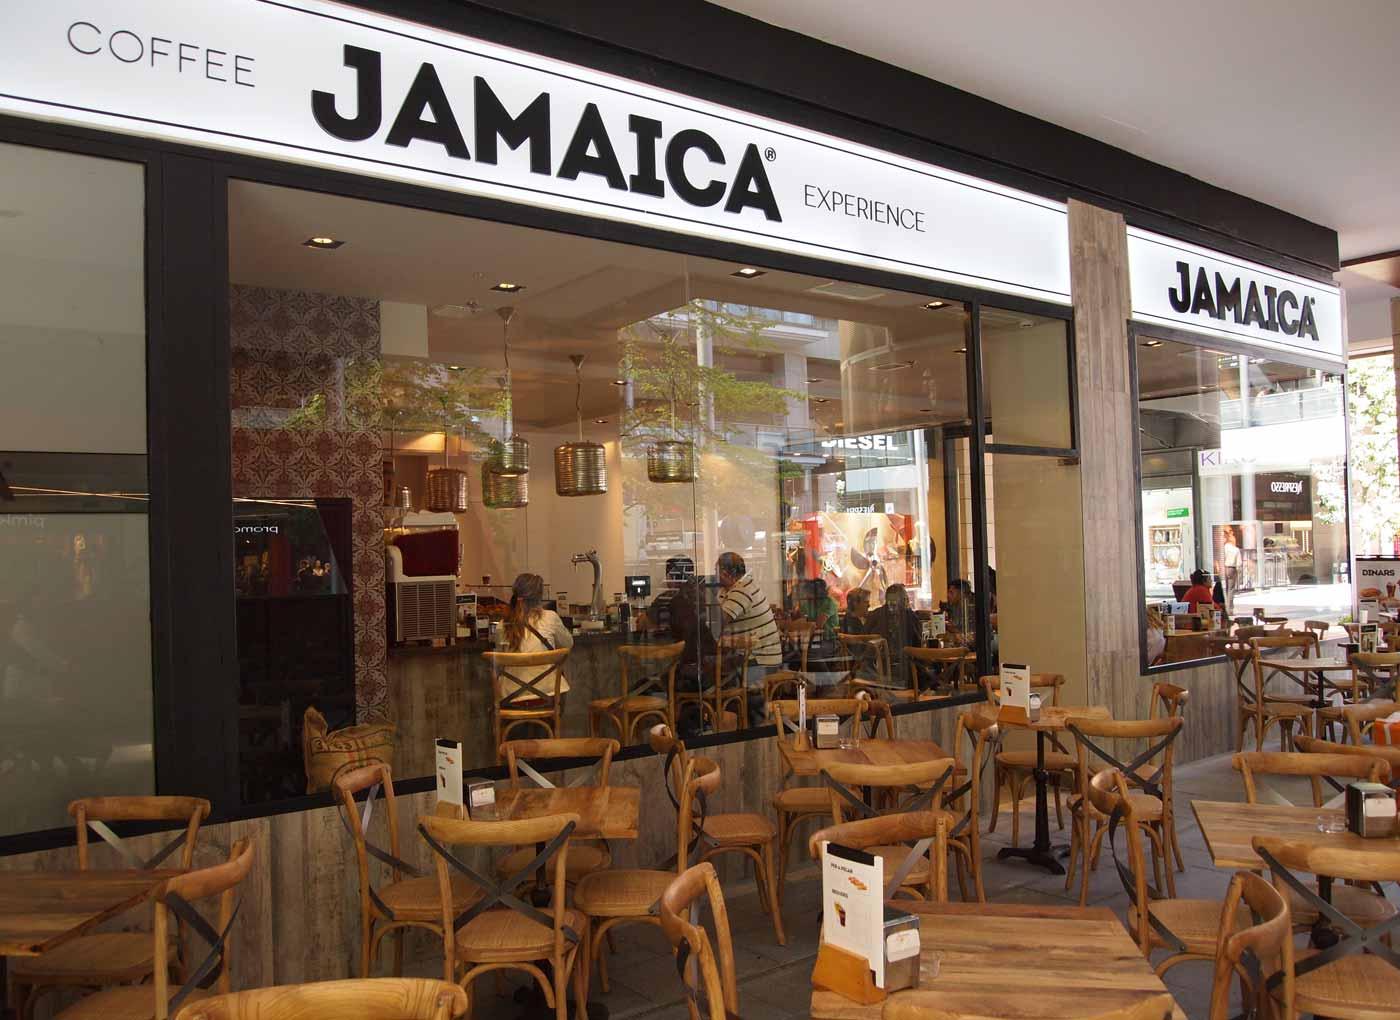 Imágenes de las mesas vintage en la terraza de la cafetería Jamaica Coffee